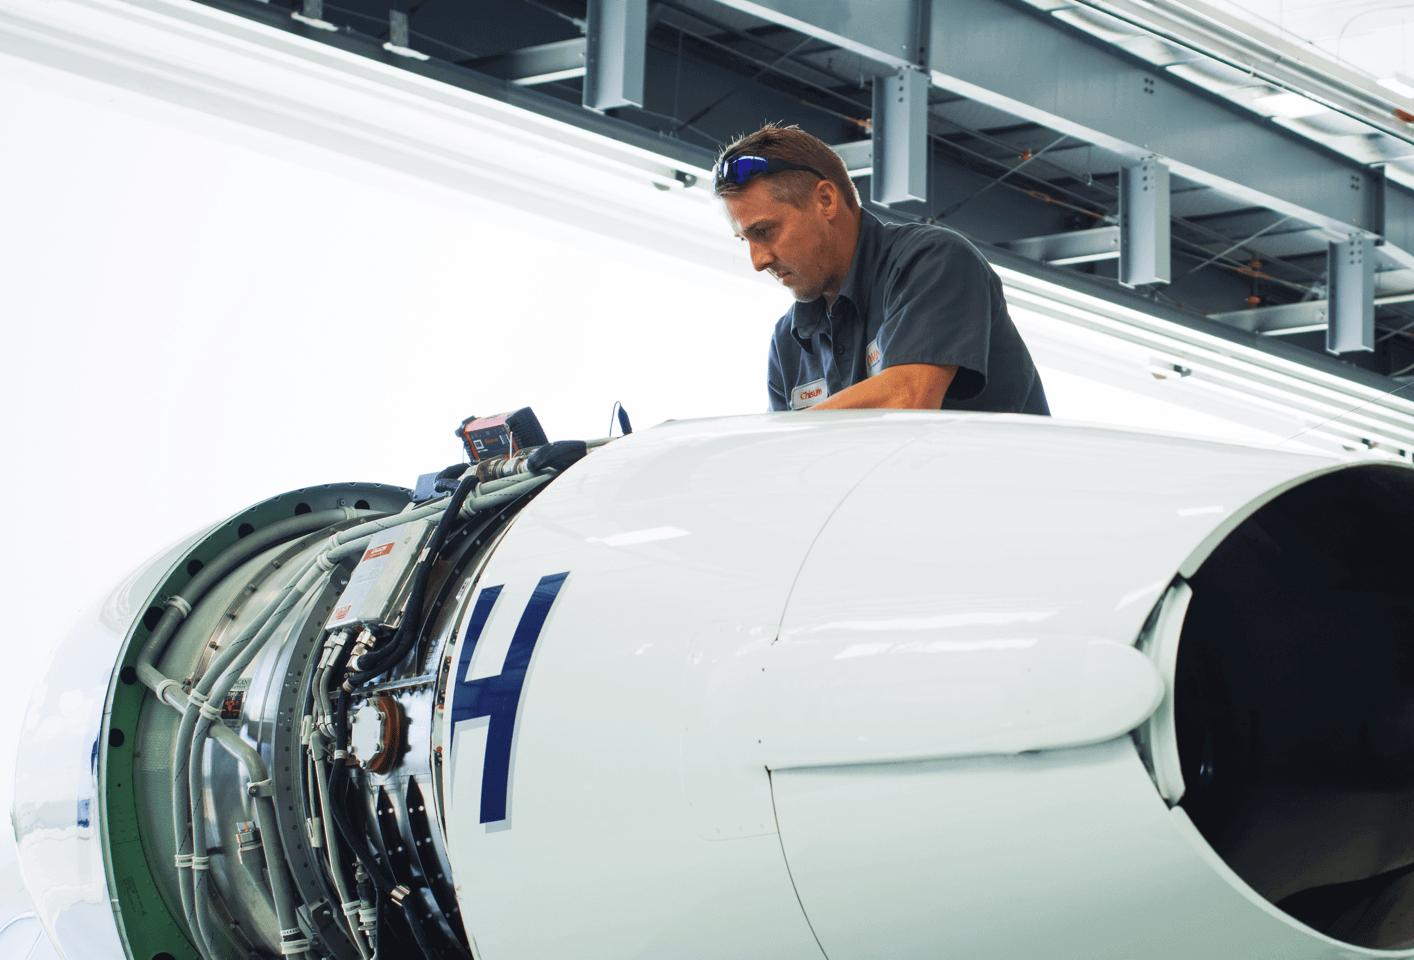 Omni Air Craft Maintenance ServiceOmni Air Craft Maintenance Service